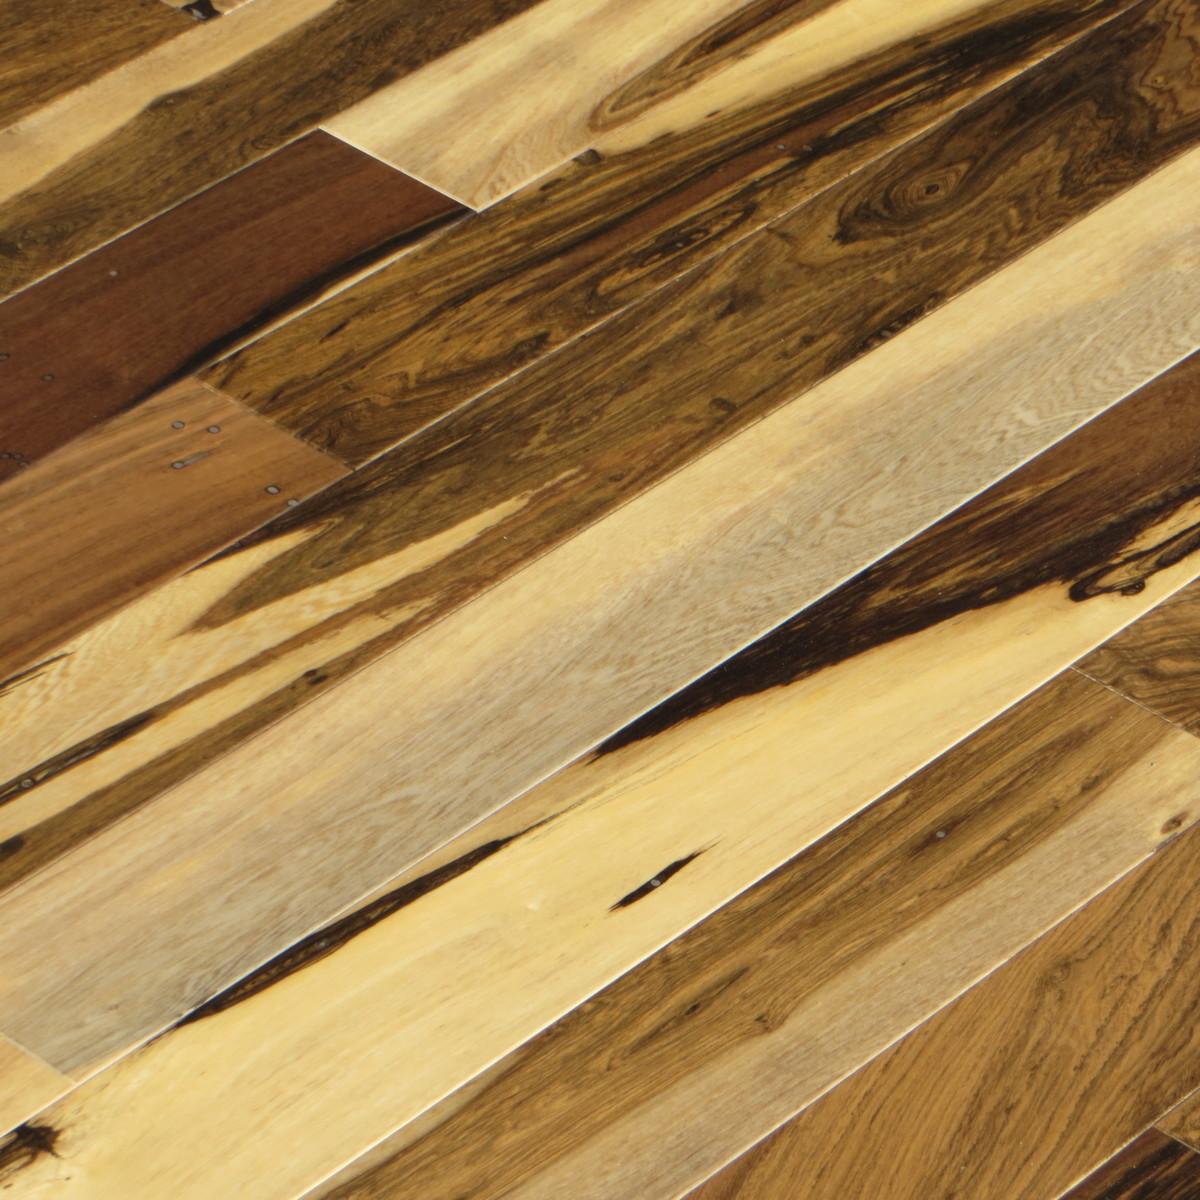 solid hardwood flooring brazilian pecan hardwood flooring | prefinished solid hardwood floors,  elegance plyquet wood CKATSUV